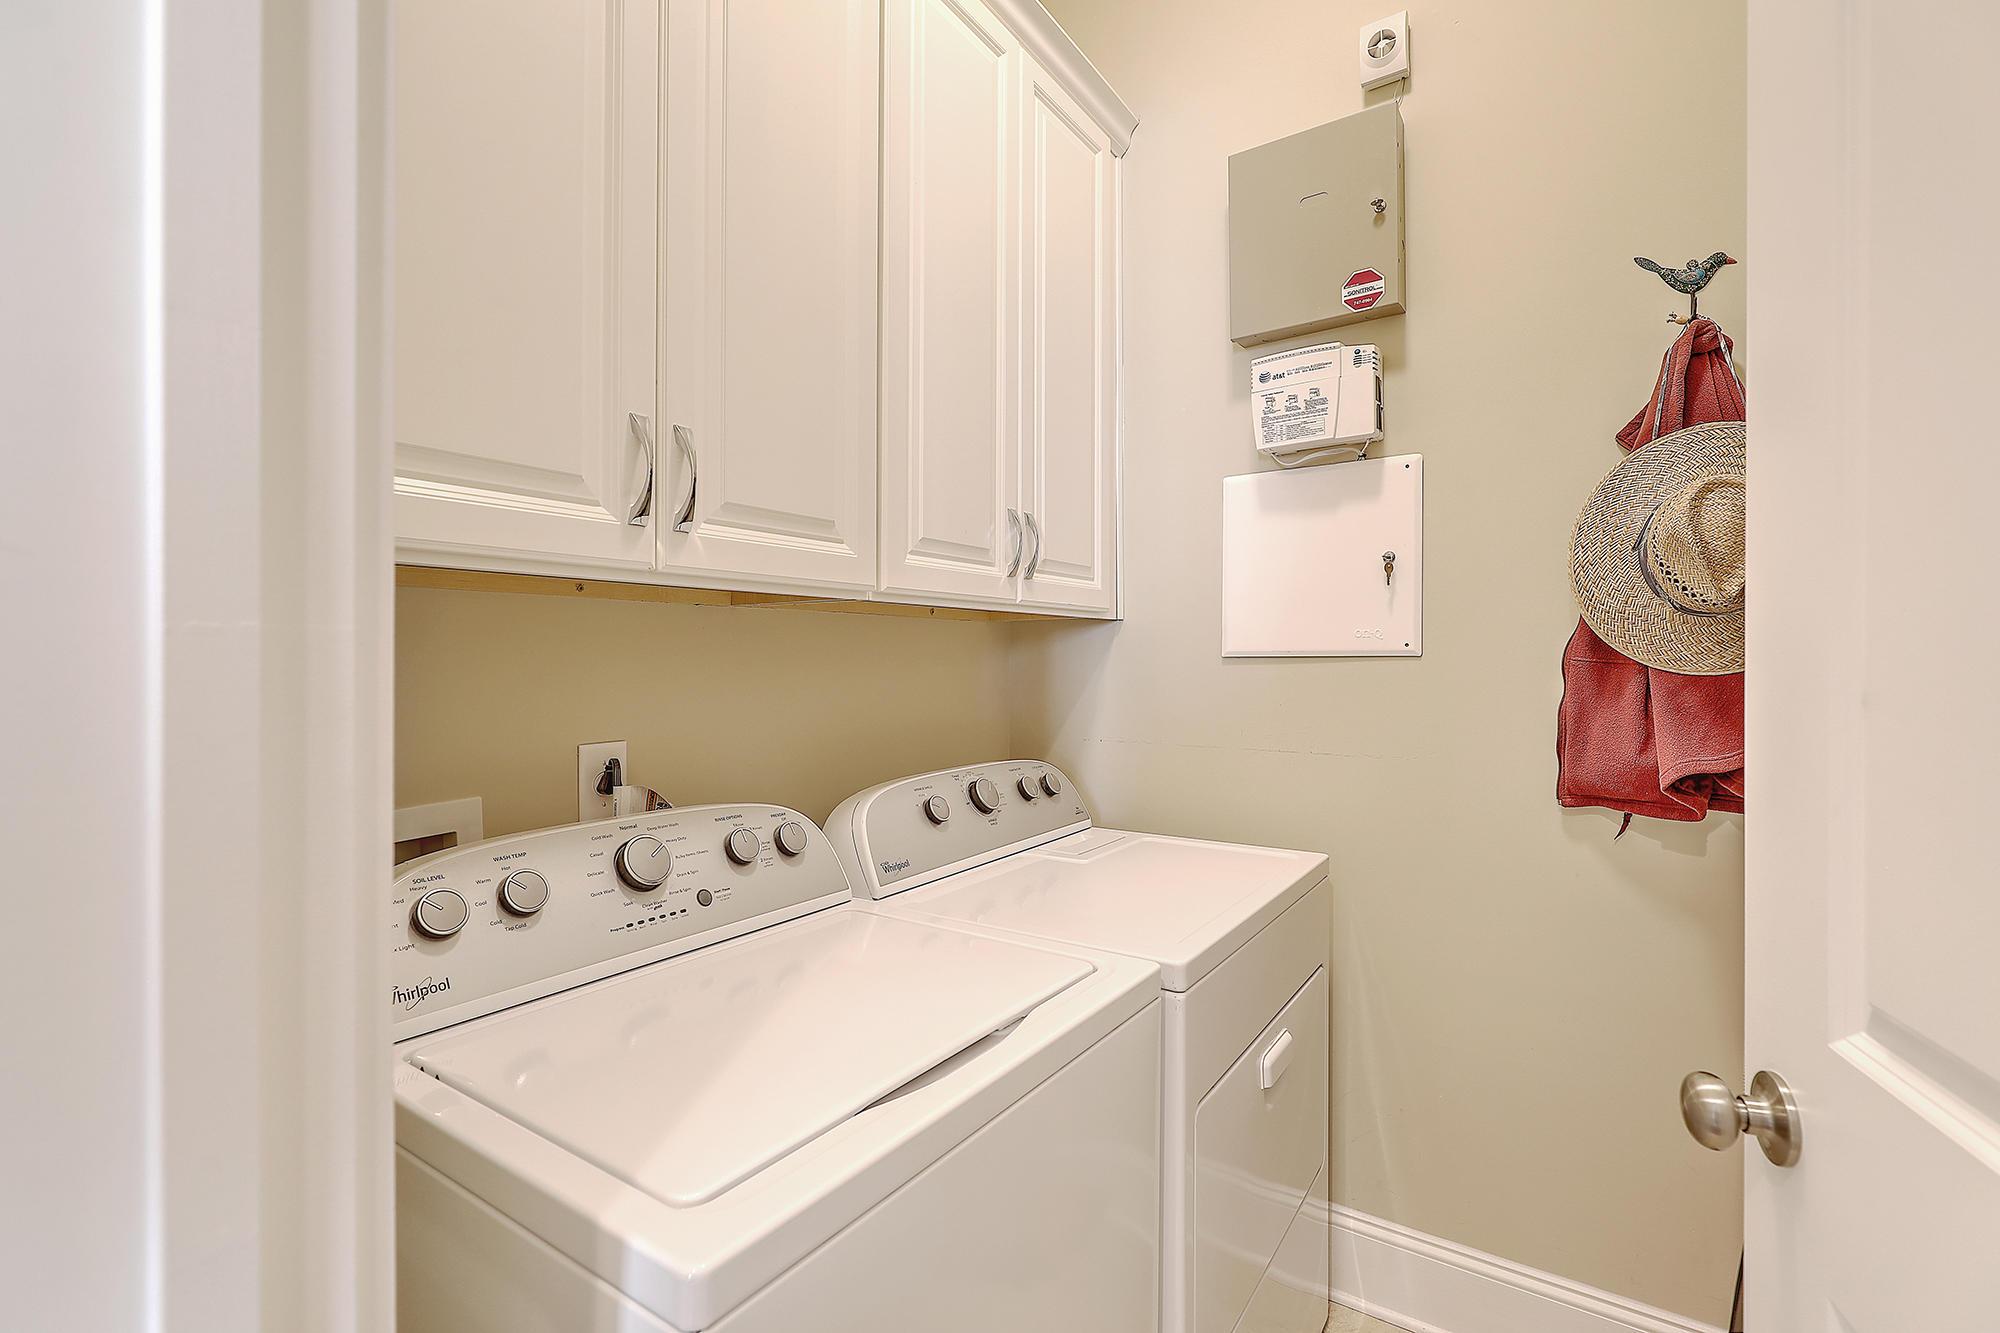 Dunes West Homes For Sale - 3171 Sturbridge, Mount Pleasant, SC - 35